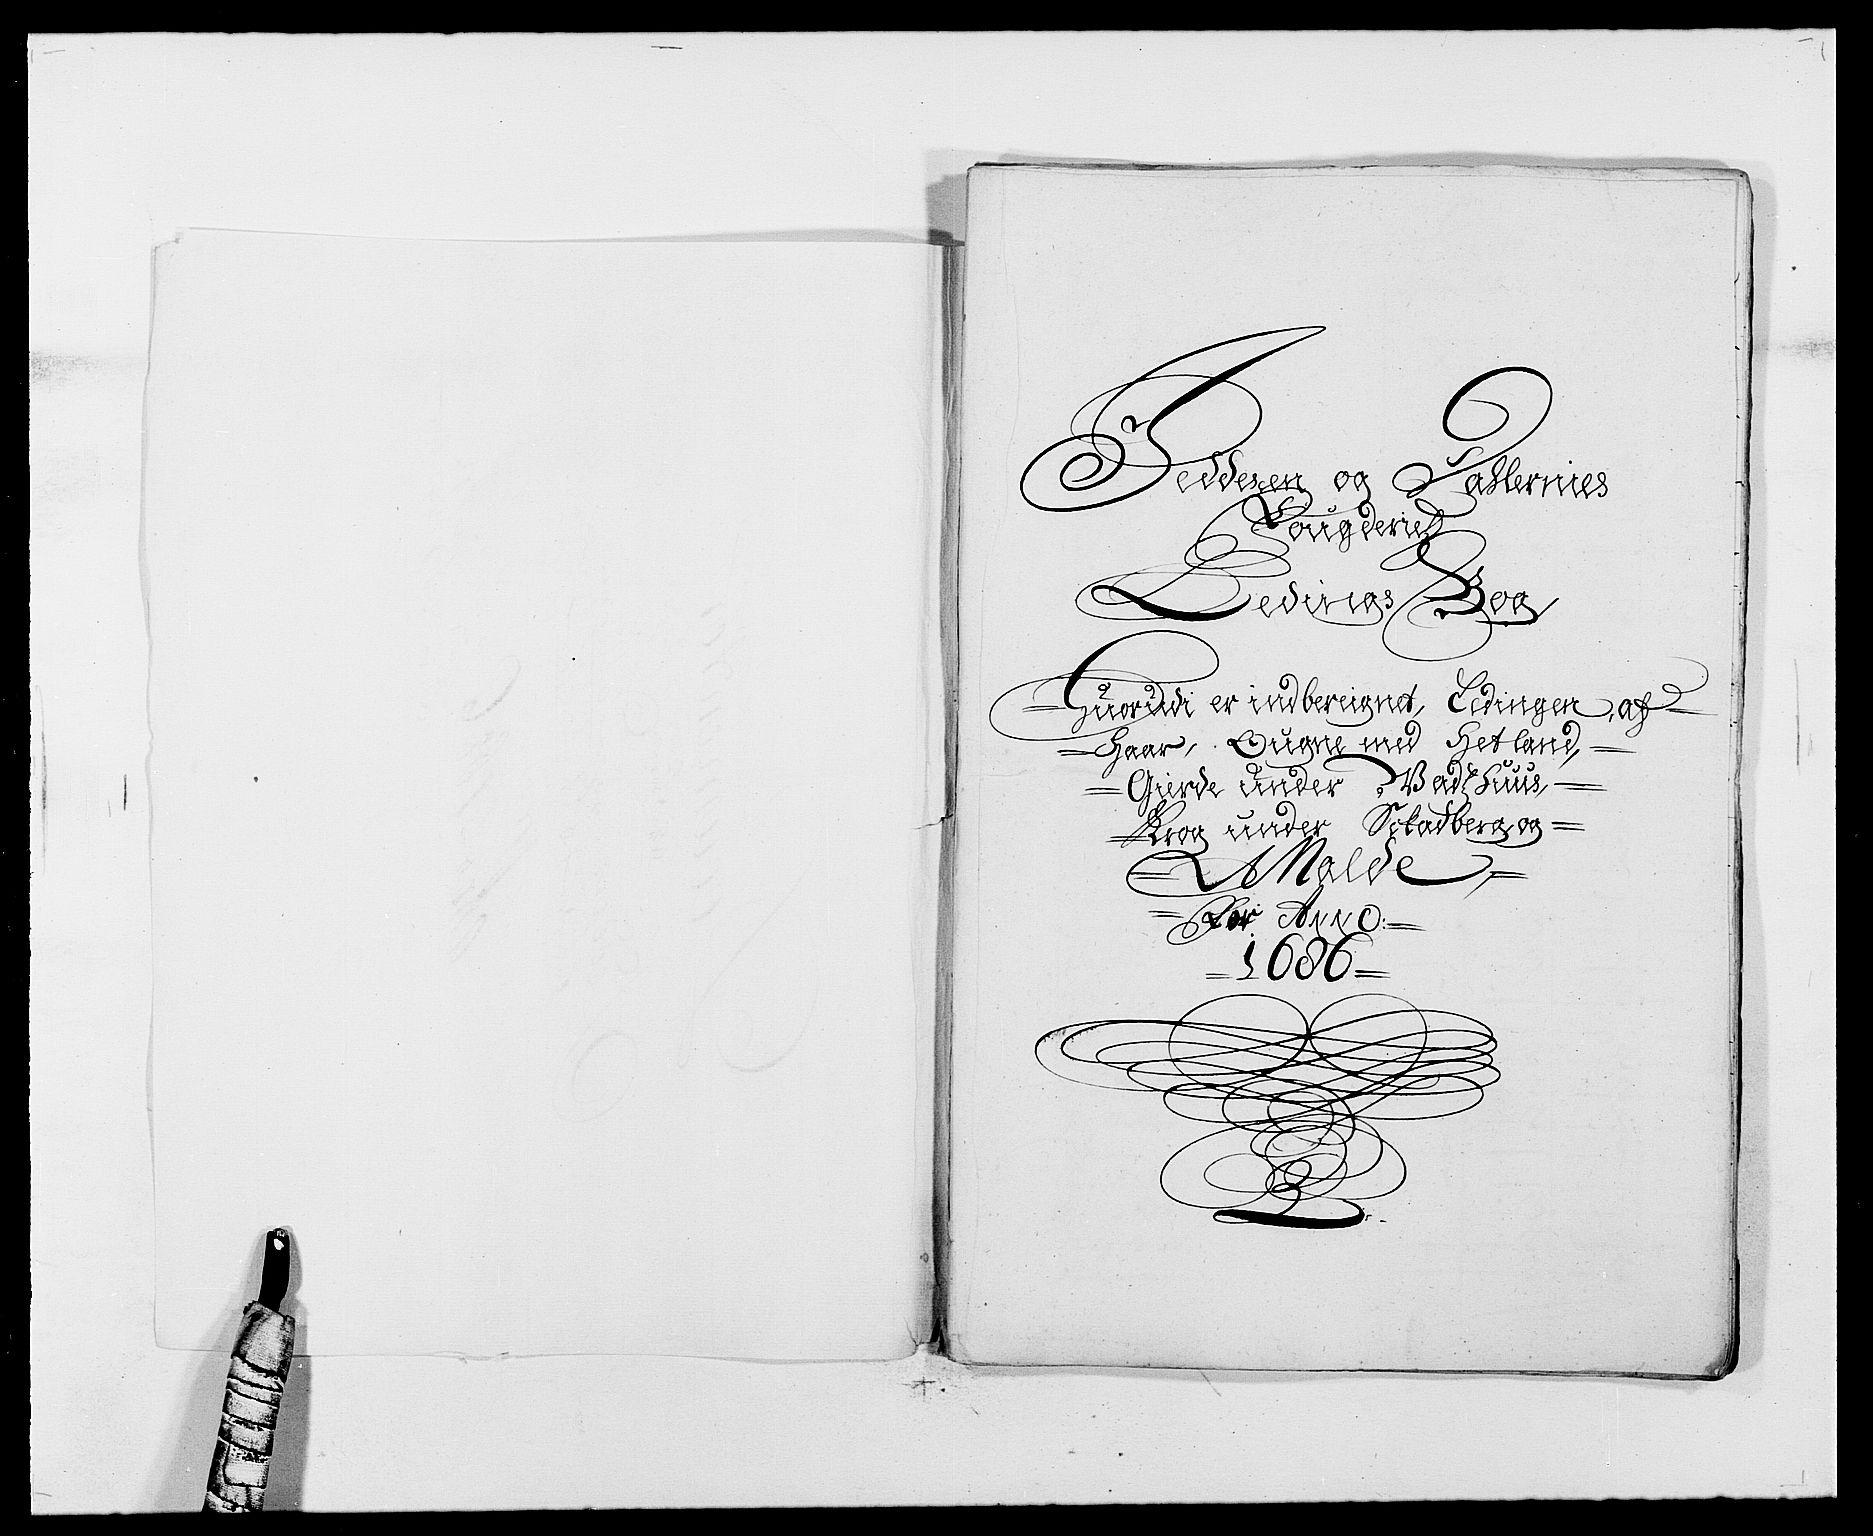 RA, Rentekammeret inntil 1814, Reviderte regnskaper, Fogderegnskap, R46/L2726: Fogderegnskap Jæren og Dalane, 1686-1689, s. 105